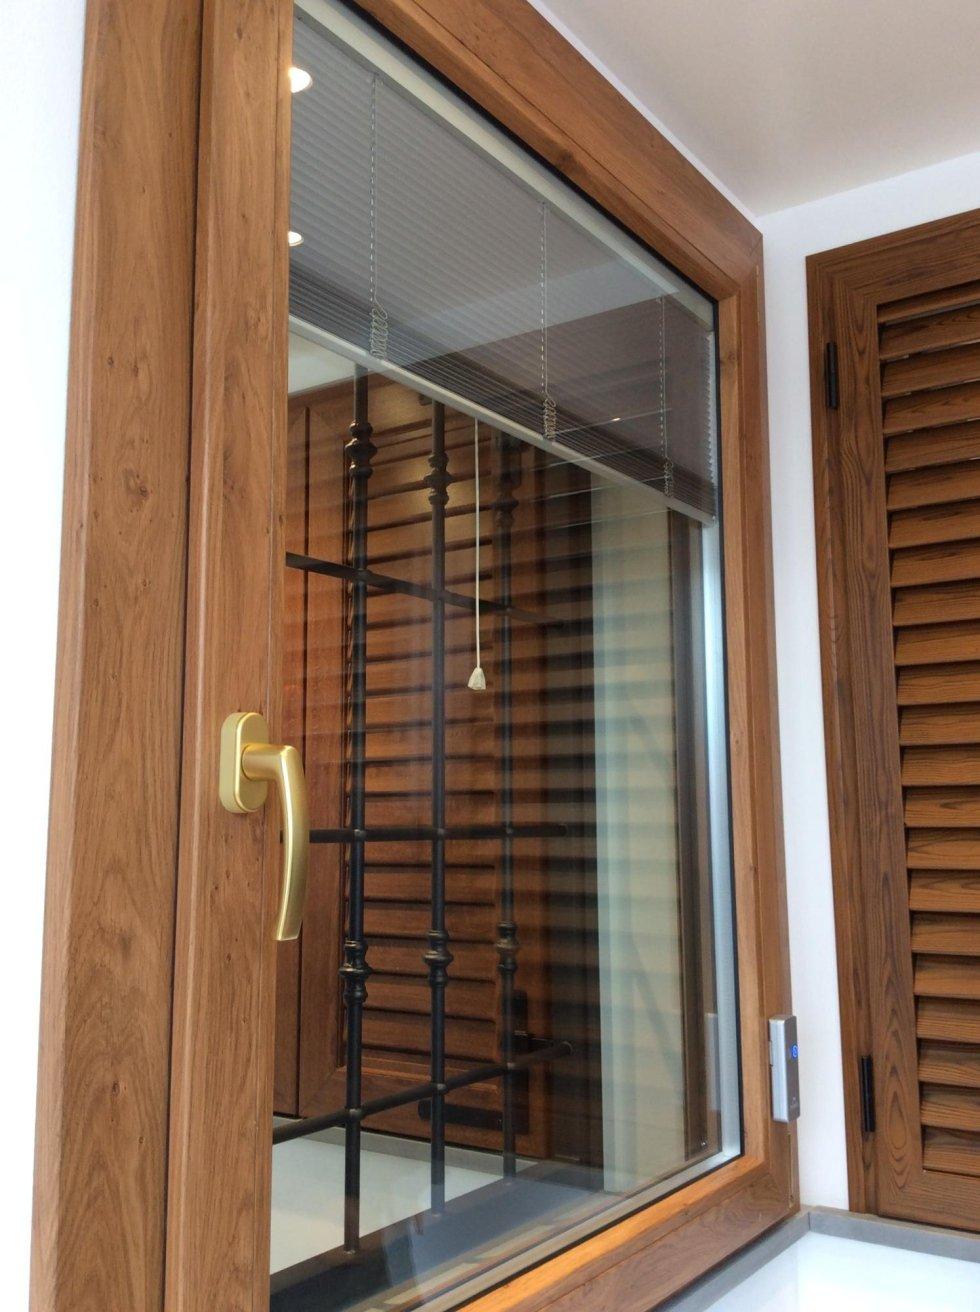 Persiane e finestre san giuliano terme casa del serramento for Finestre e persiane